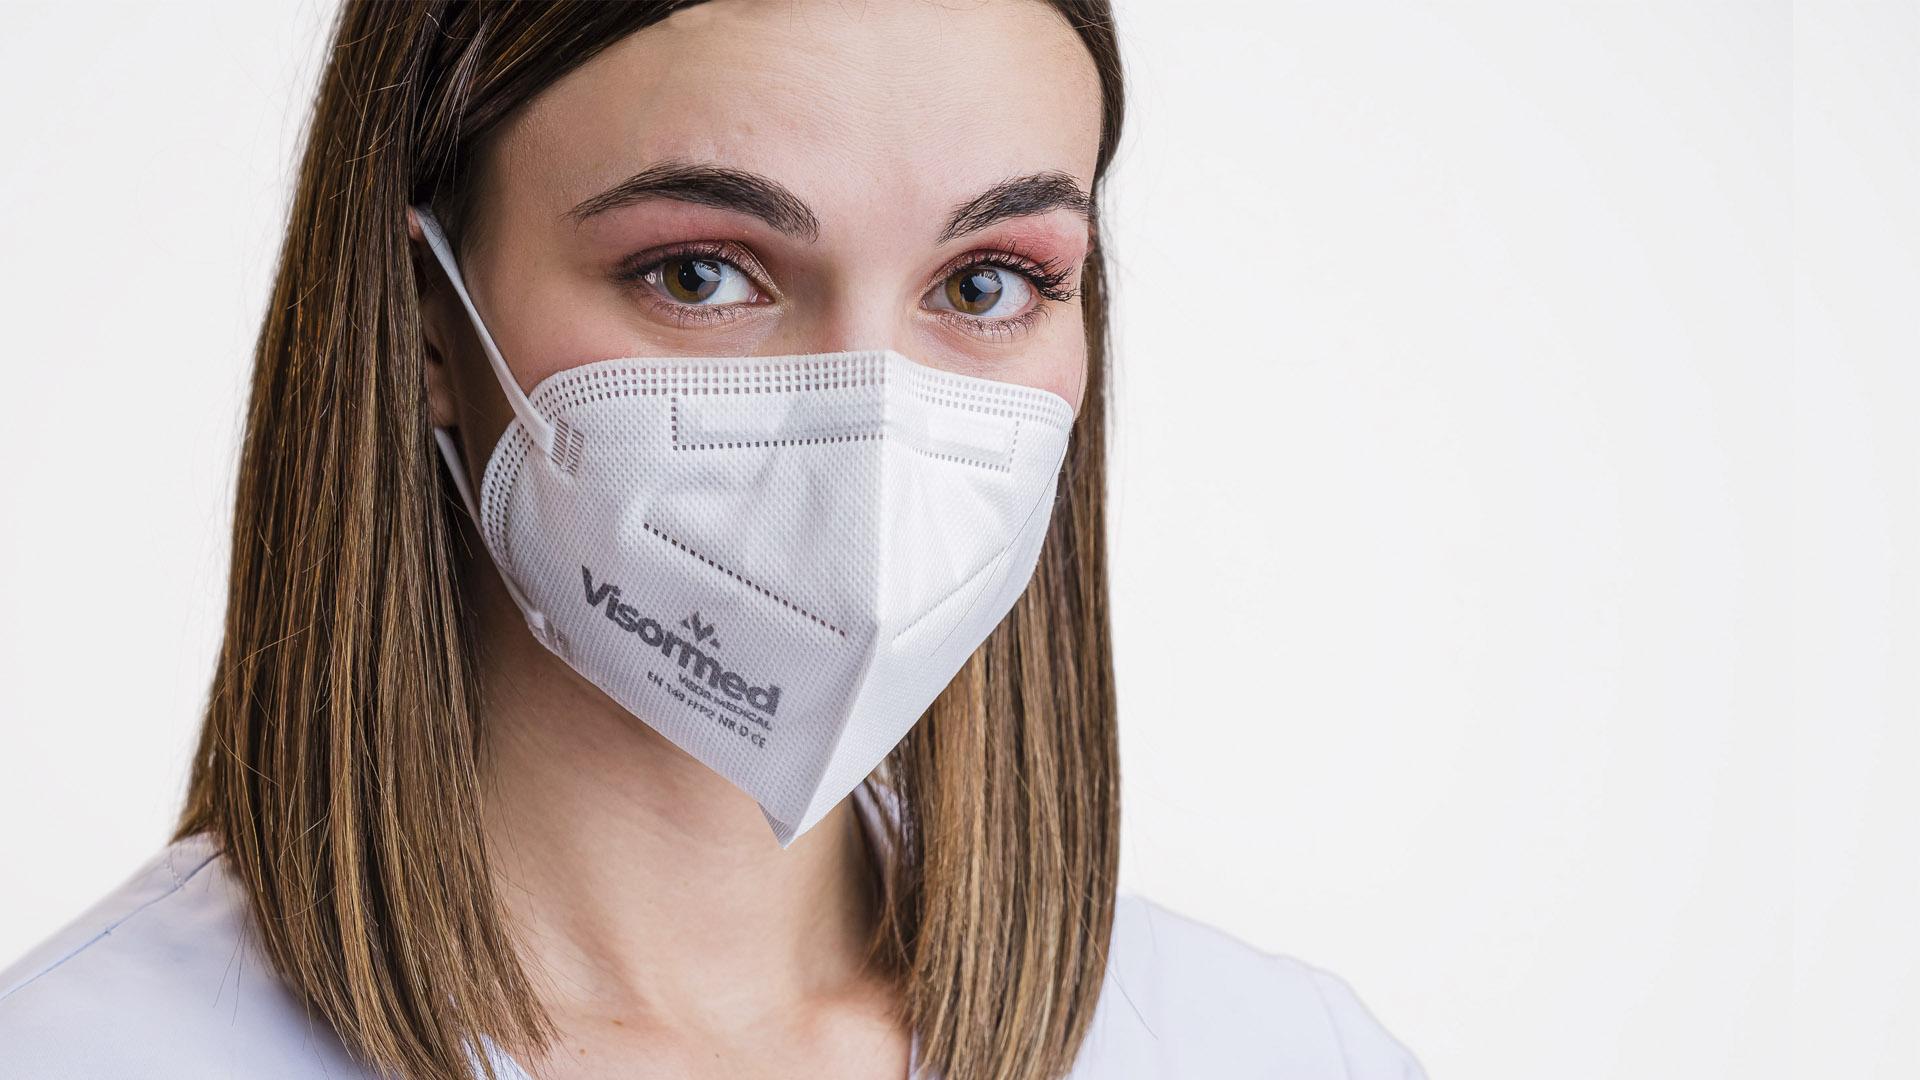 ¿Cómo asegurar la eficacia de las mascarillas EPI?